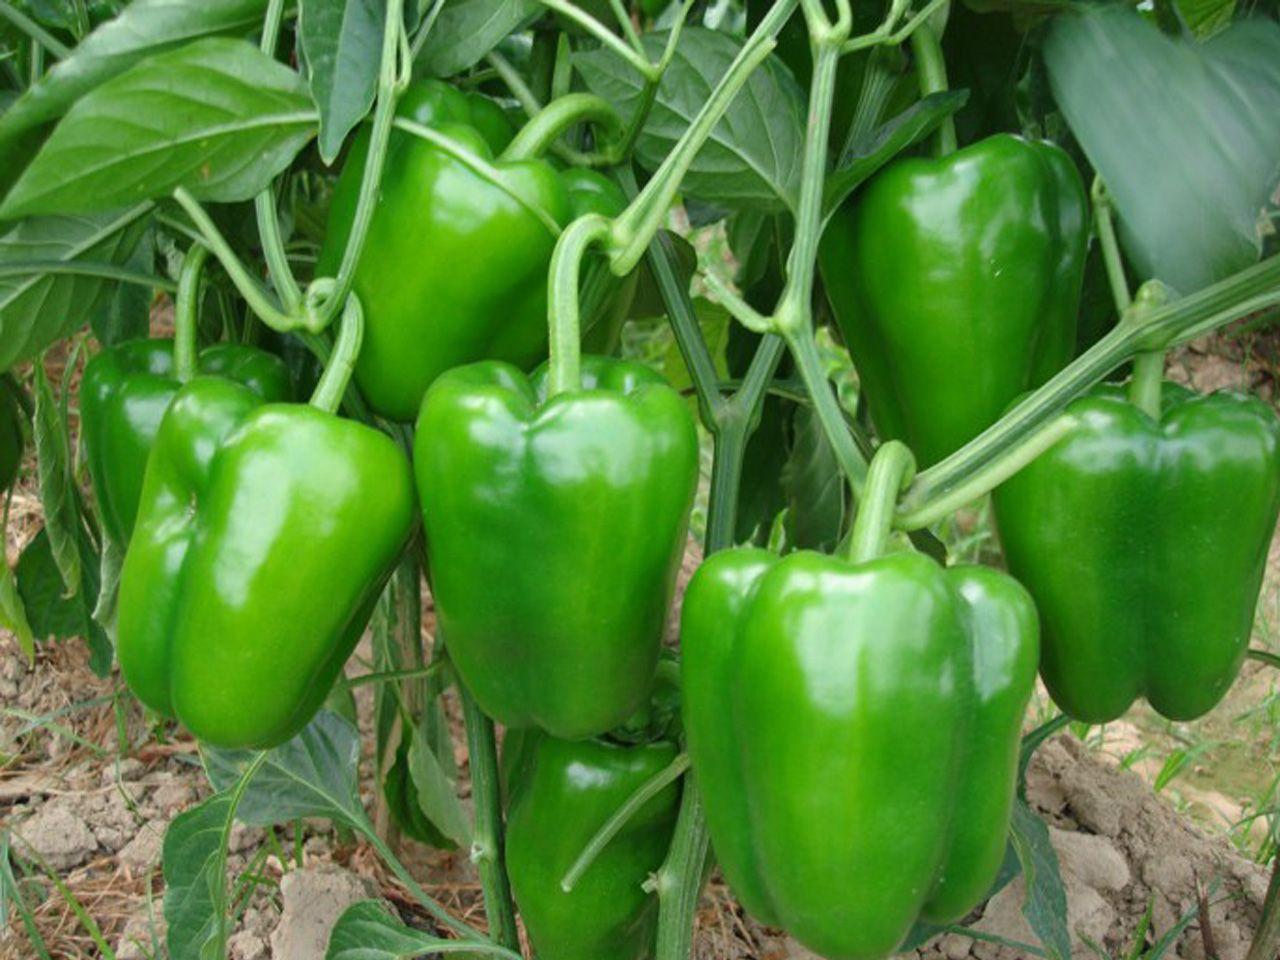 Capcicam Farming In India พร กไทย พร กหยวก